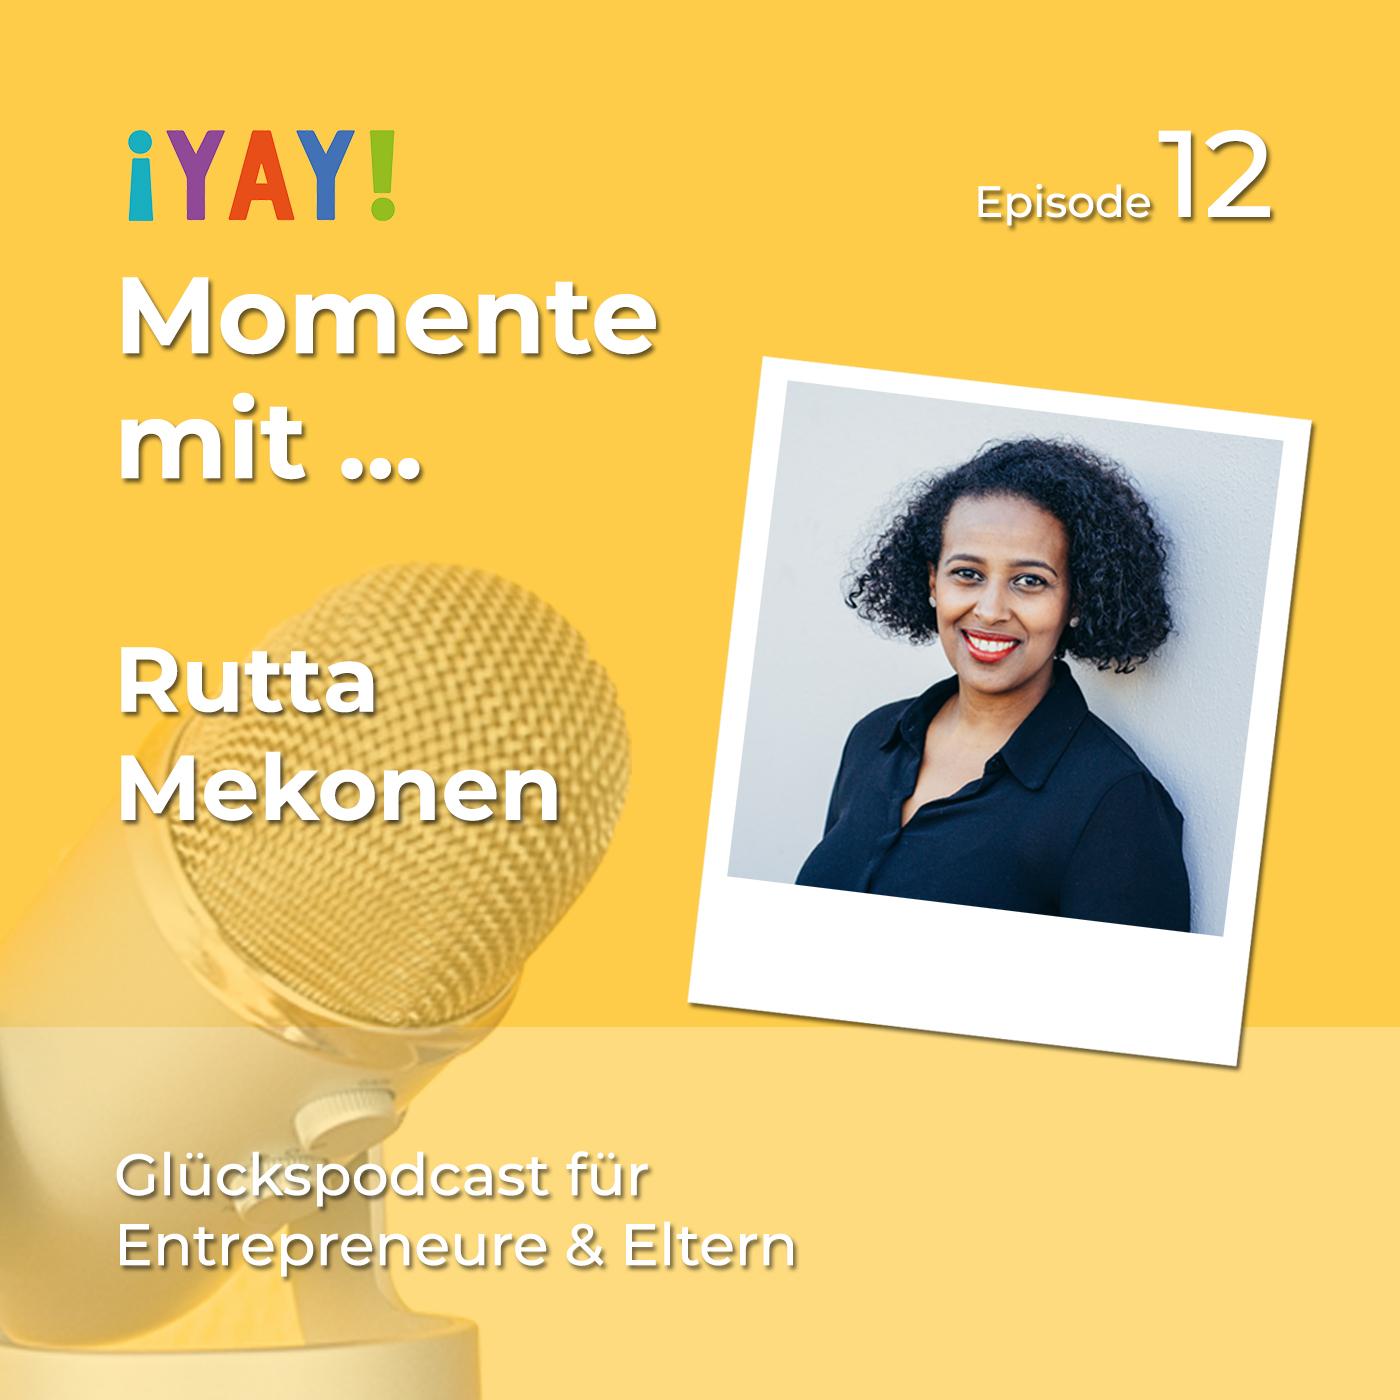 Episode 12: Yay-Momente mit... Rutta Mekonen